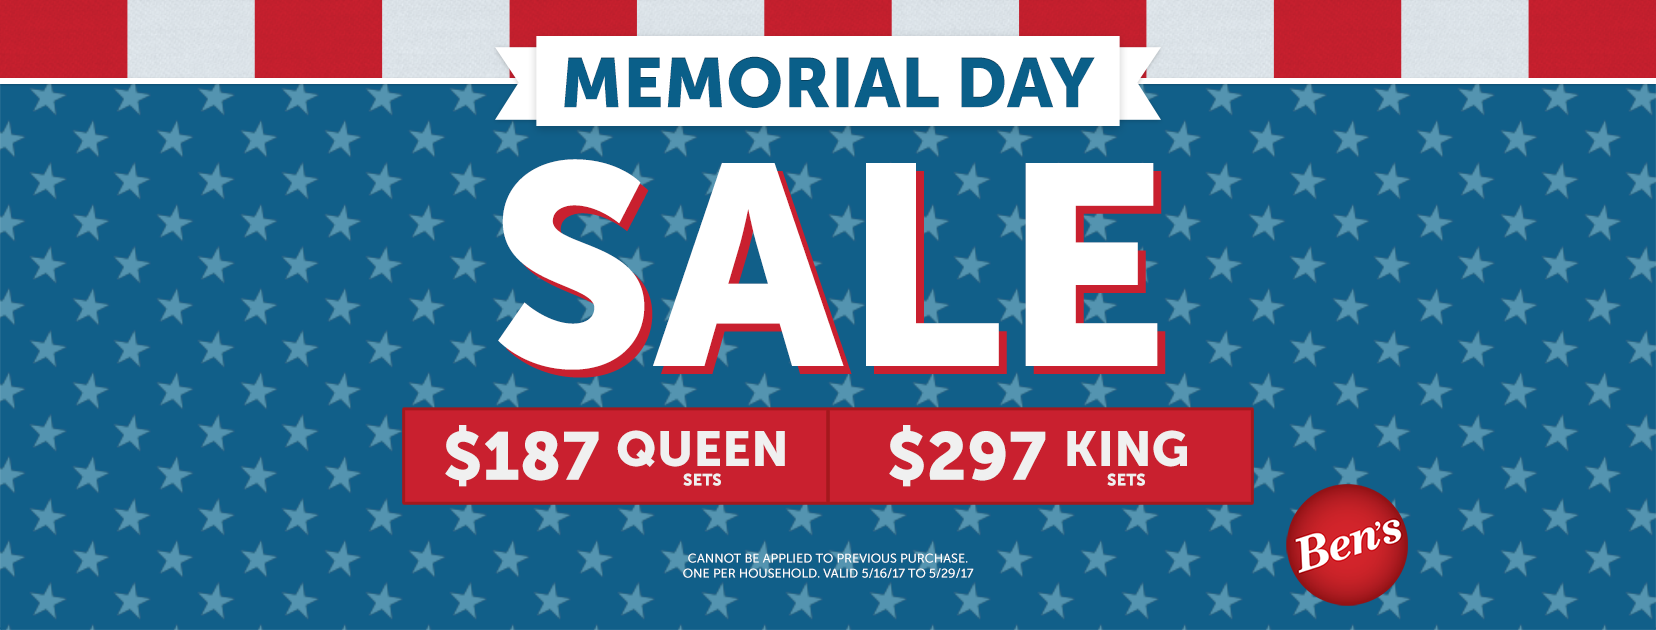 Ben's Memorial Day Sale on Mattresses